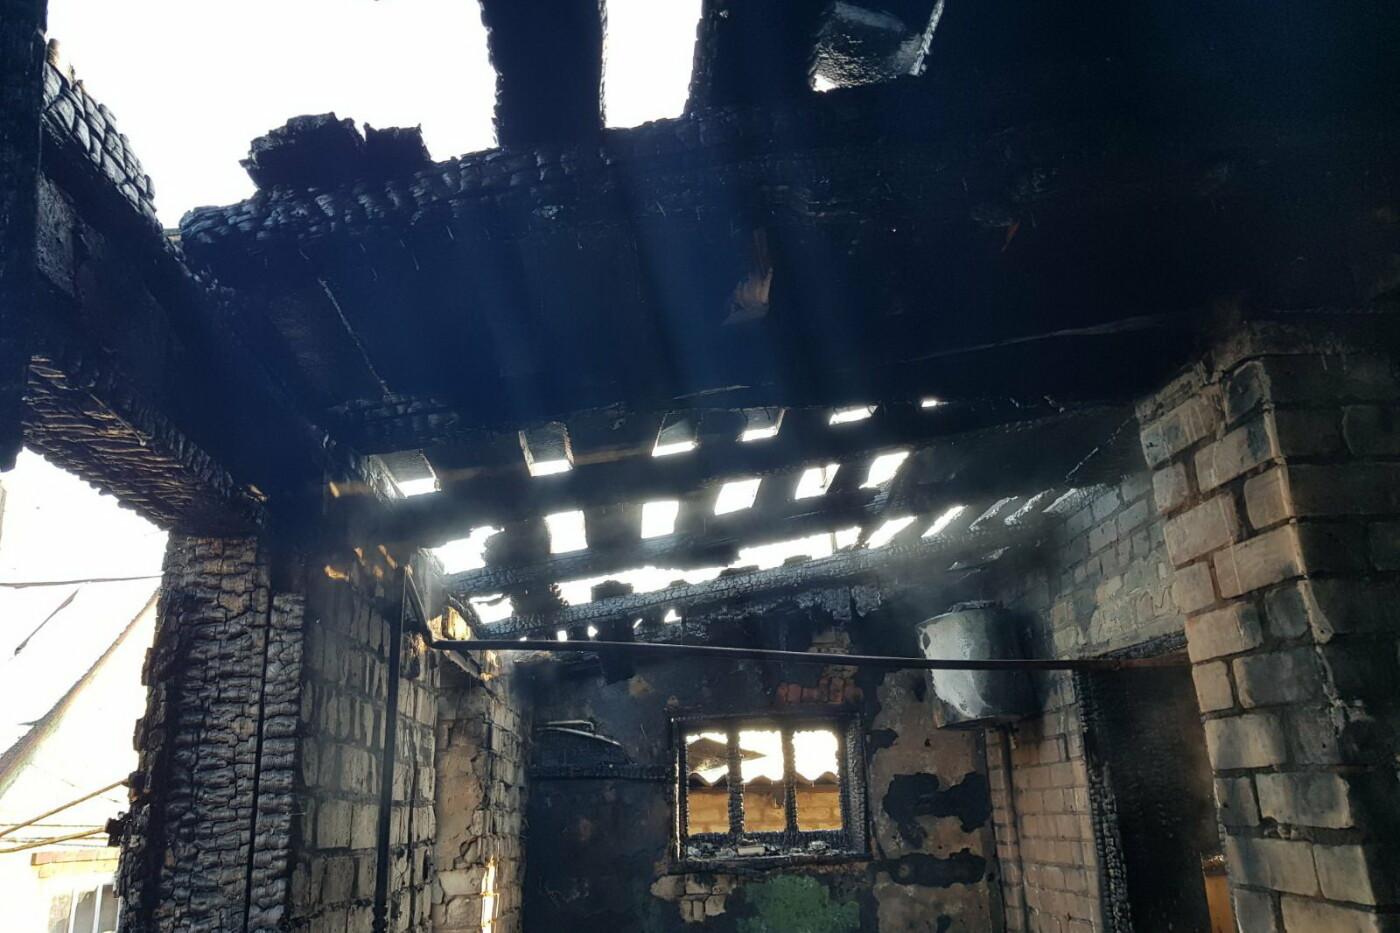 Огонь отрезал единственный выход: под Харьковом бабушка пробралась в горящий дом и спасла внука, - ФОТО, фото-4